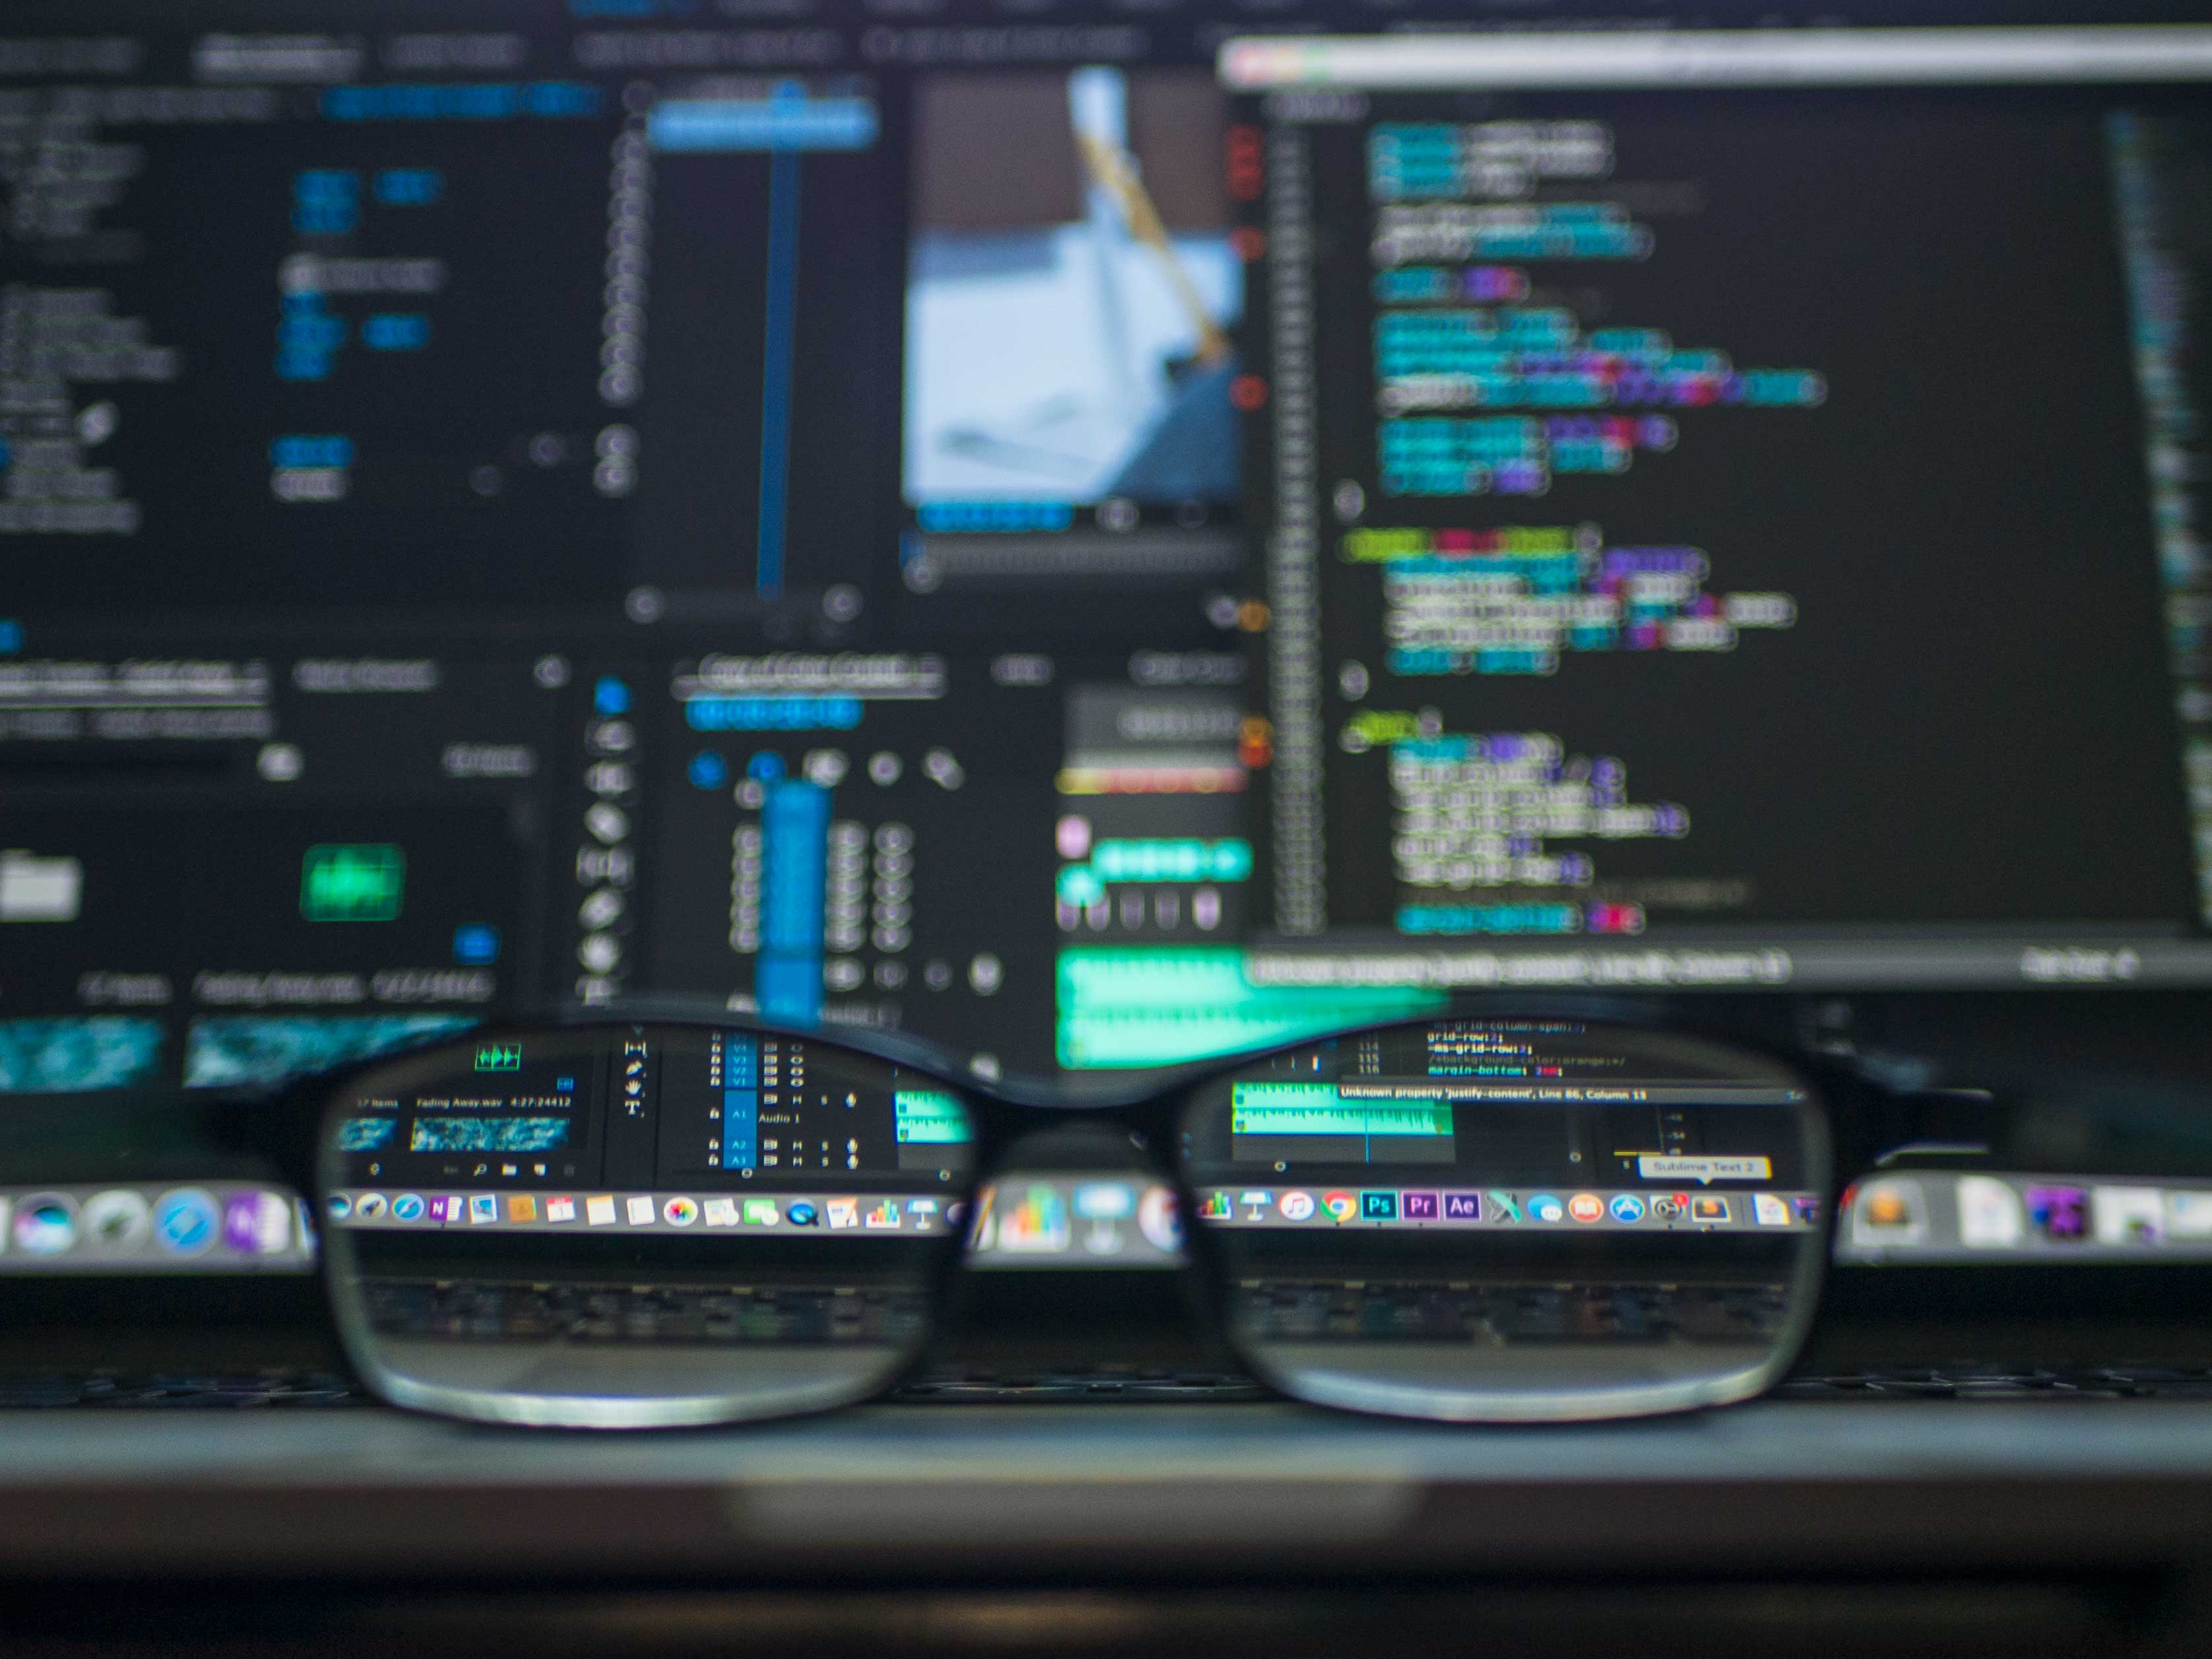 Solo il 3% delle imprese italiane è in regola con il nuovo regolamento europeo per la protezione dei dati.